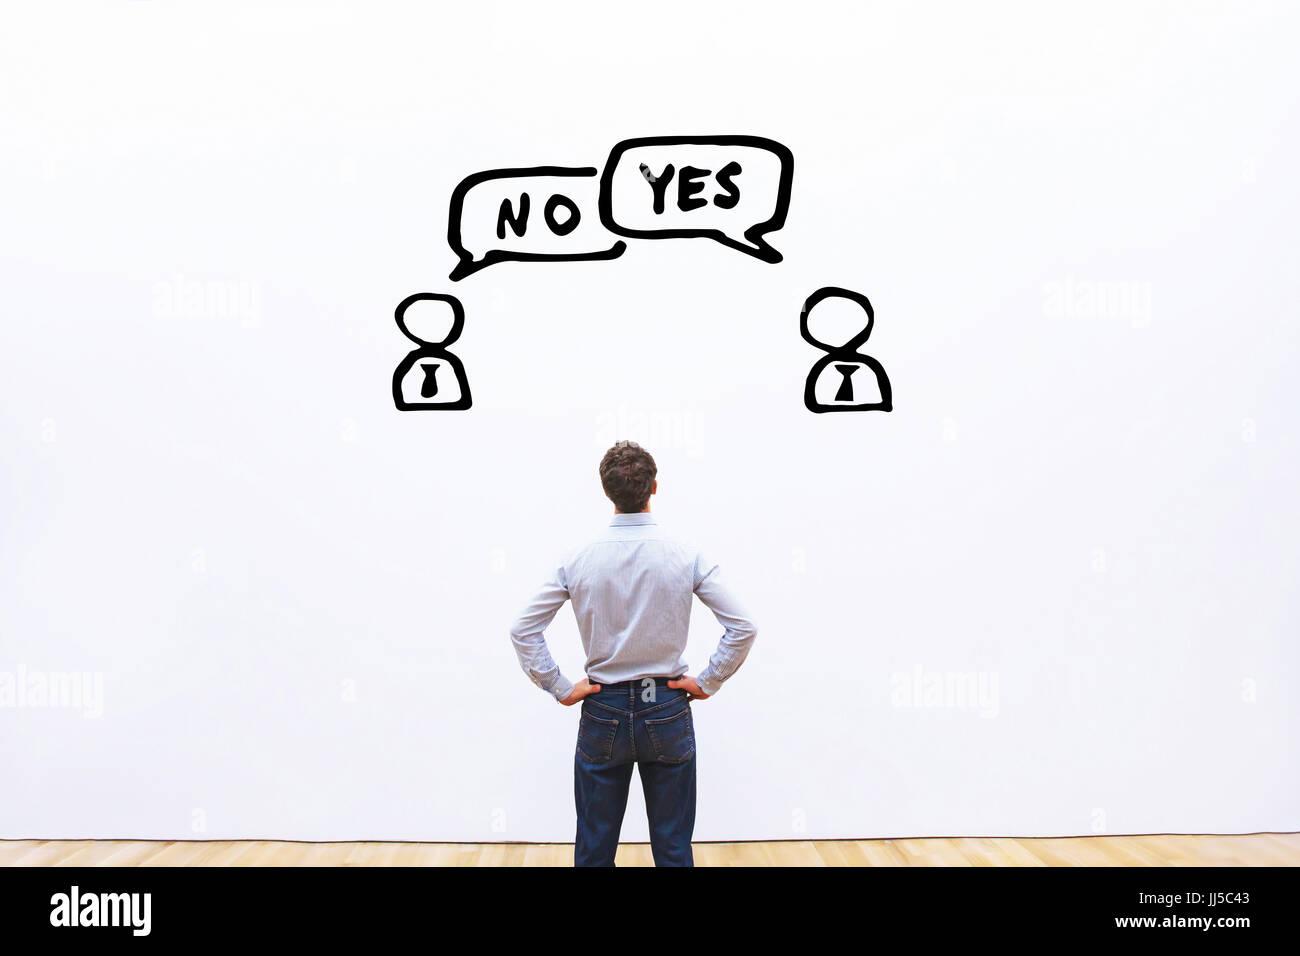 Sí vs no, la negociación, el diálogo o disputa el concepto, la discusión de dos personas de Imagen De Stock